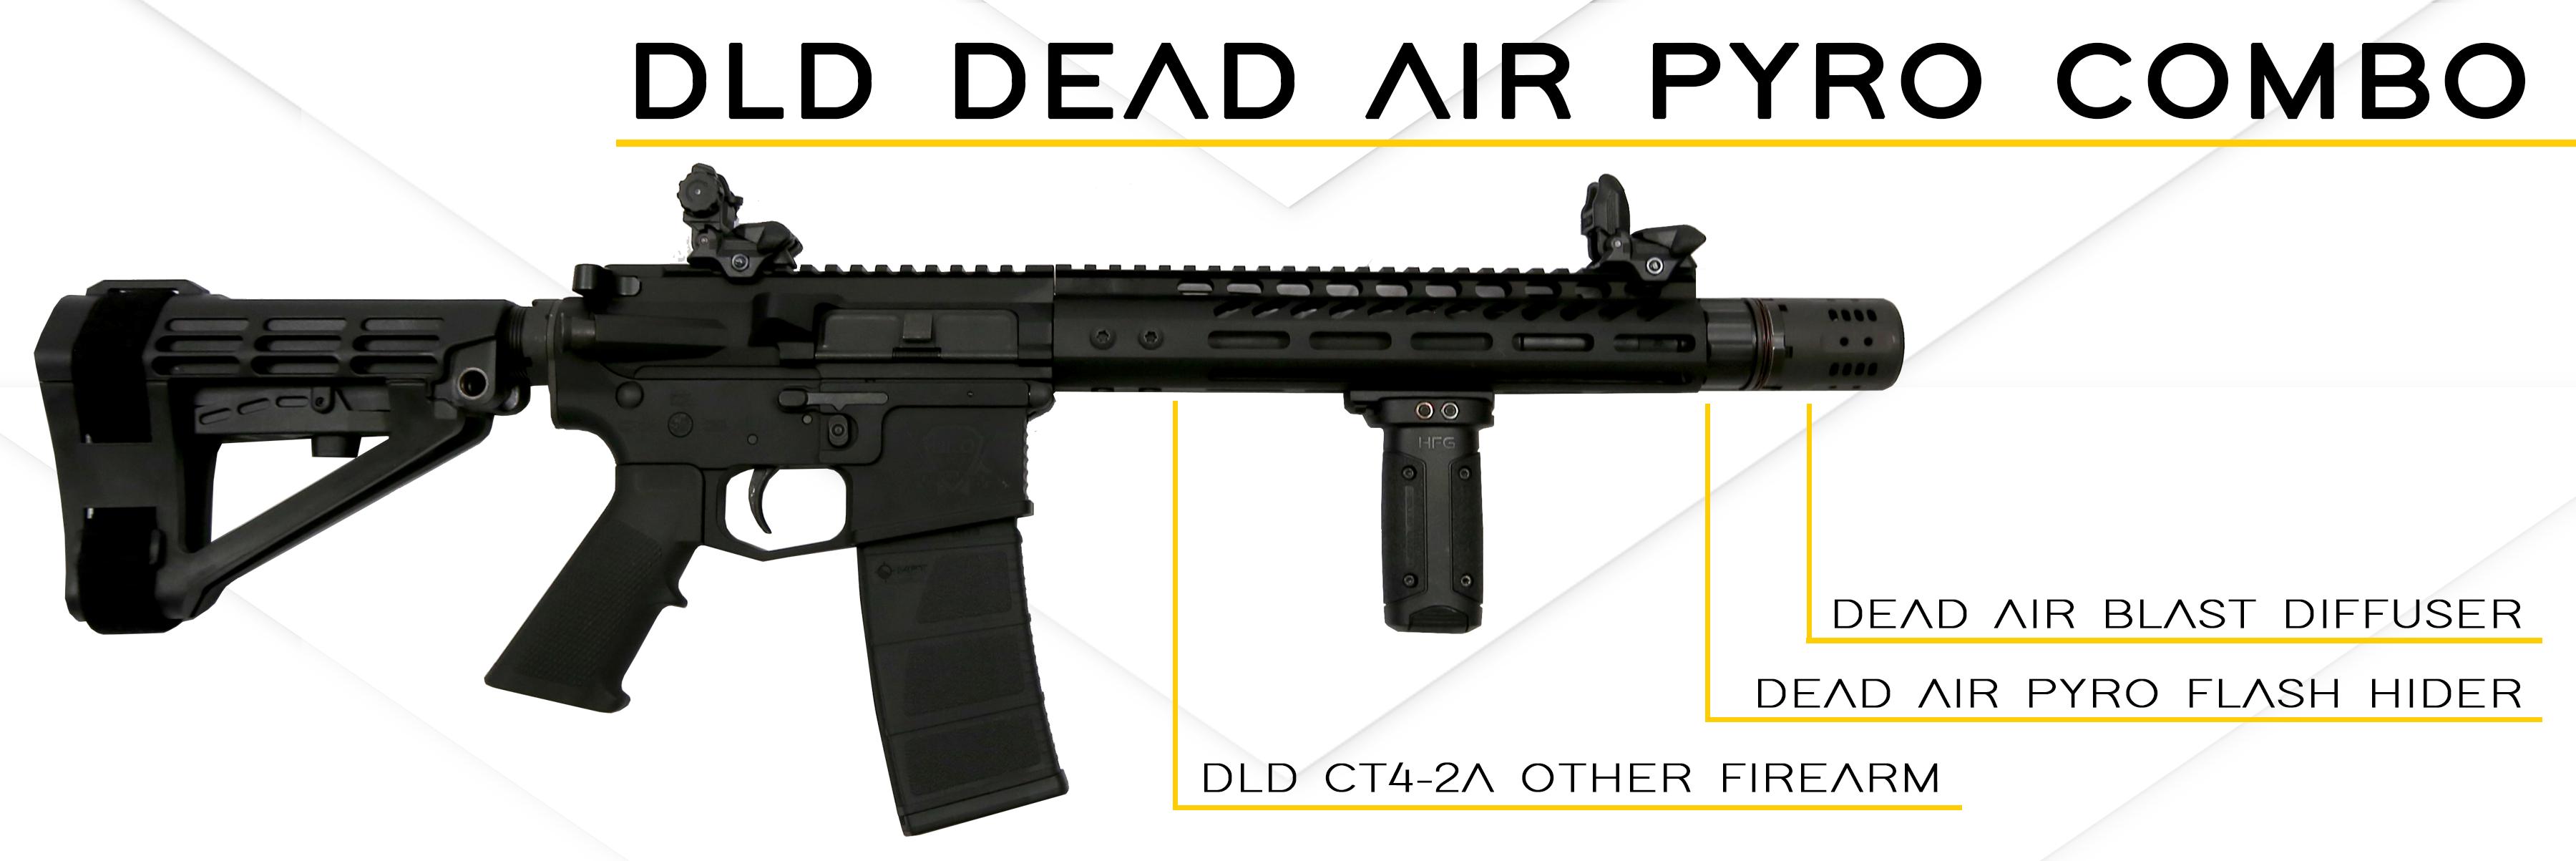 https://shop.rtsponline.com/products/delta-level-defense-4646-67726884-d51b-4b4a-be7f-515262688c49